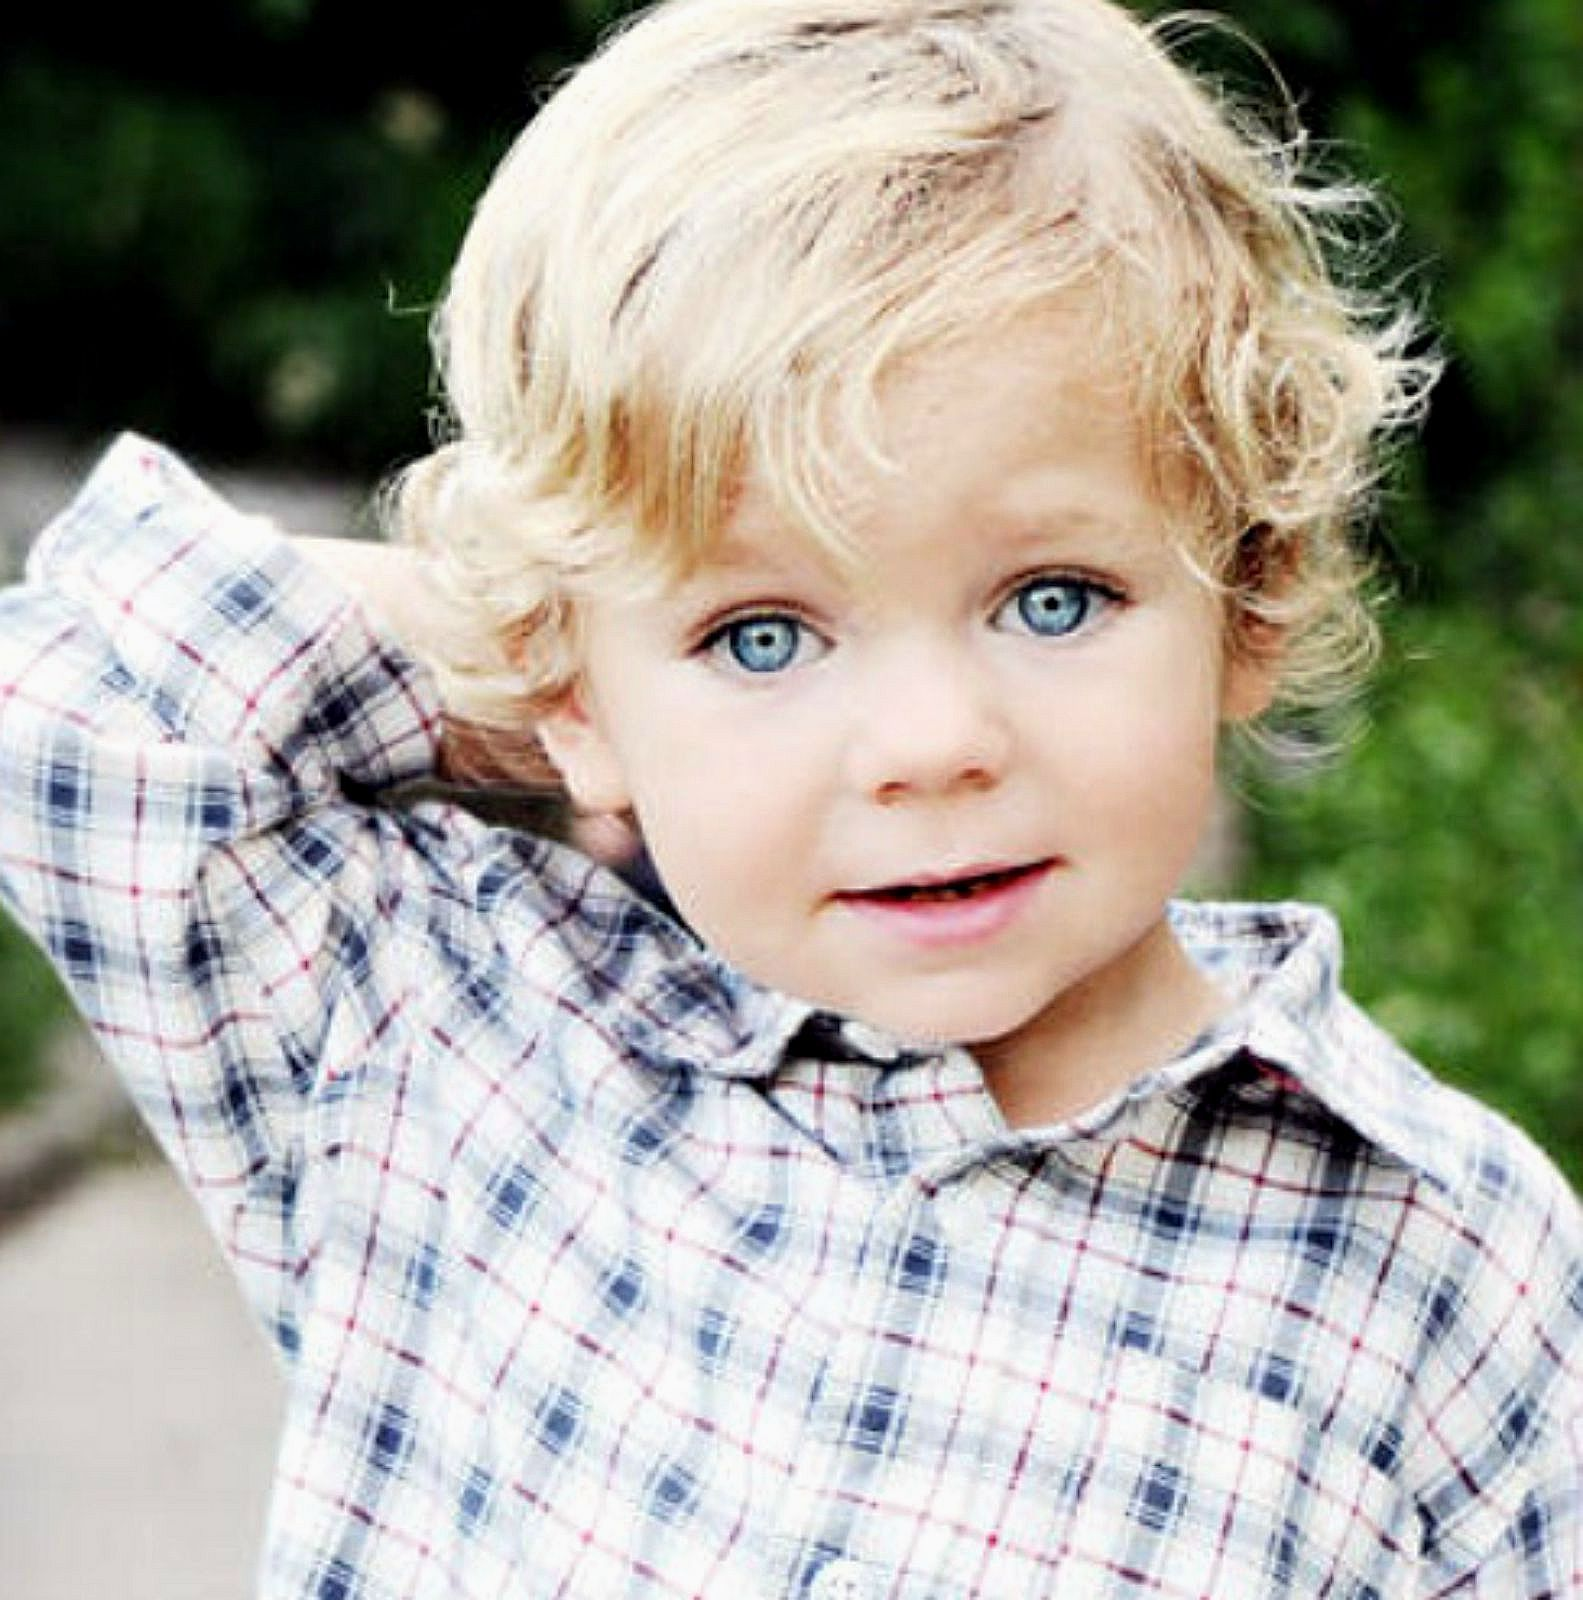 Blonde Haired Boy Frisuren Fur Kleine Jungs Frisur Kleinkind Frisur Kleinkind Junge